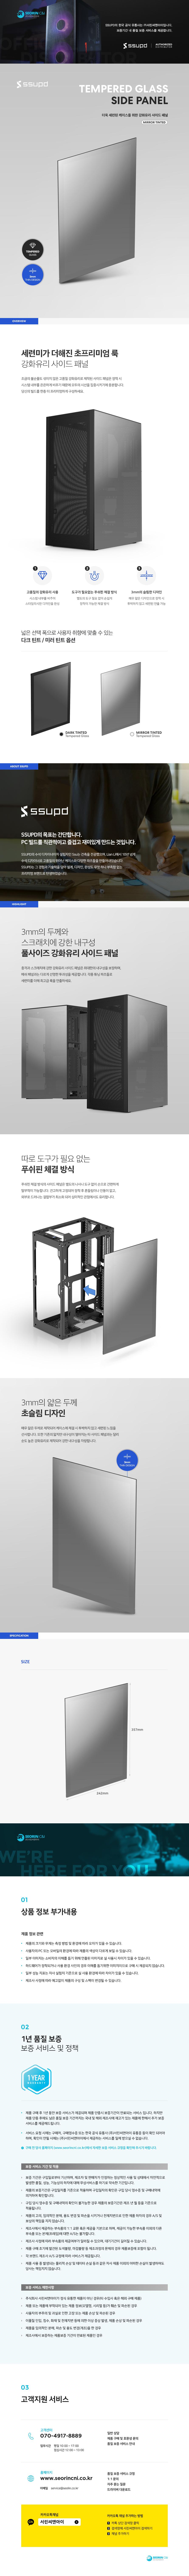 SSUPD MESHLICIOUS TG 사이드패널 Mirror (Gray)